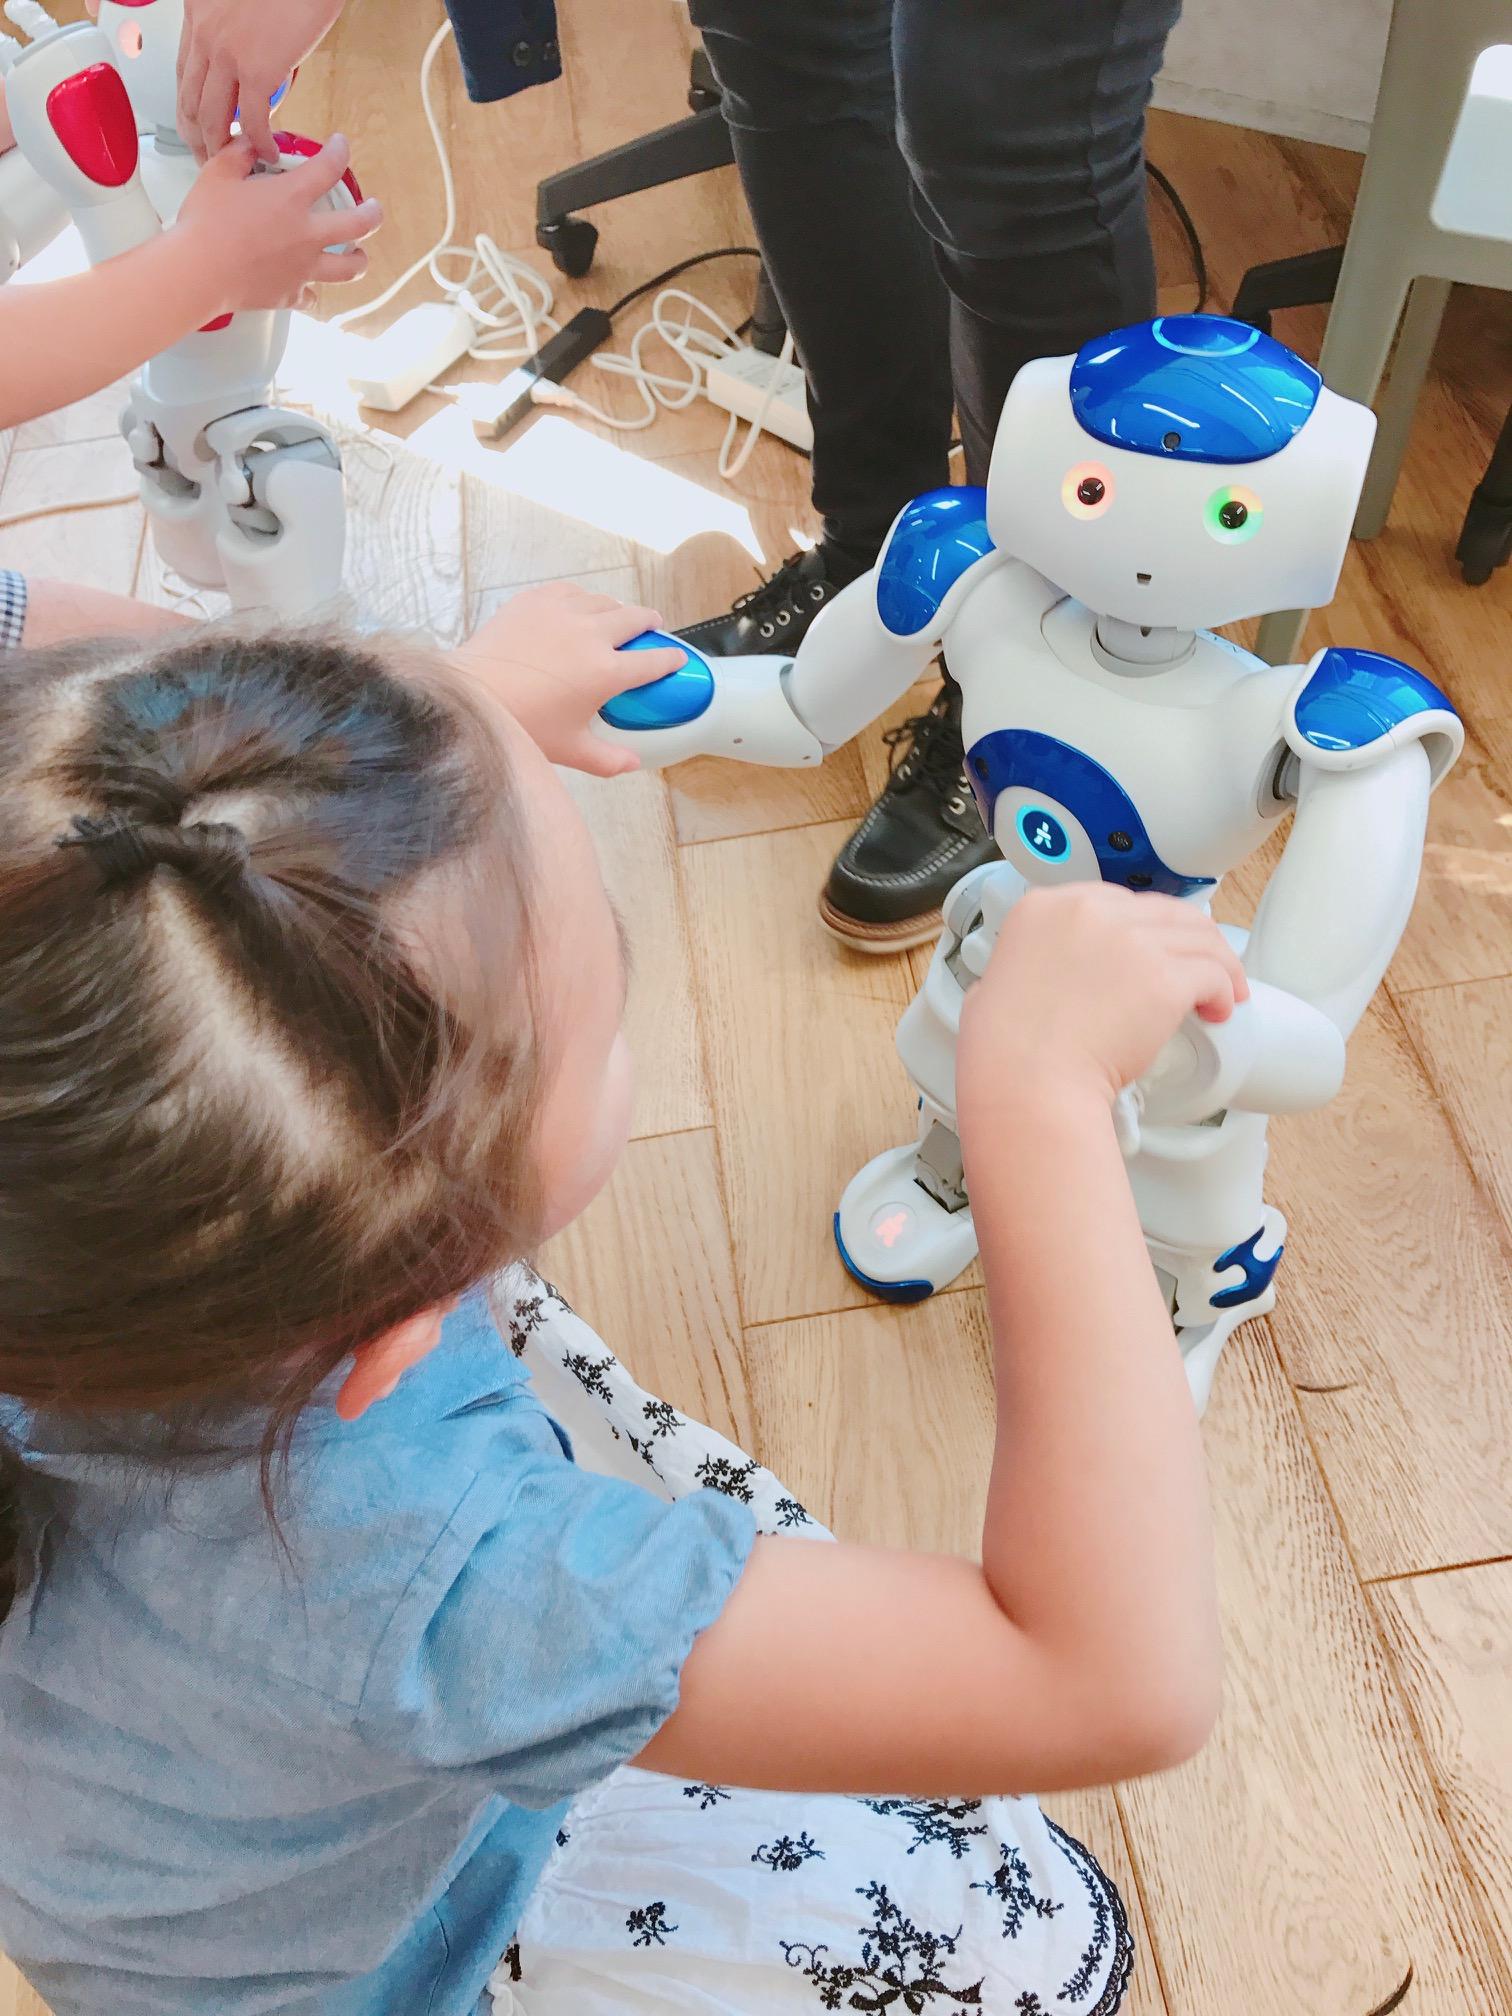 キャンプに新クラス「ロボットでデザイン思考を学ぼう」が登場!